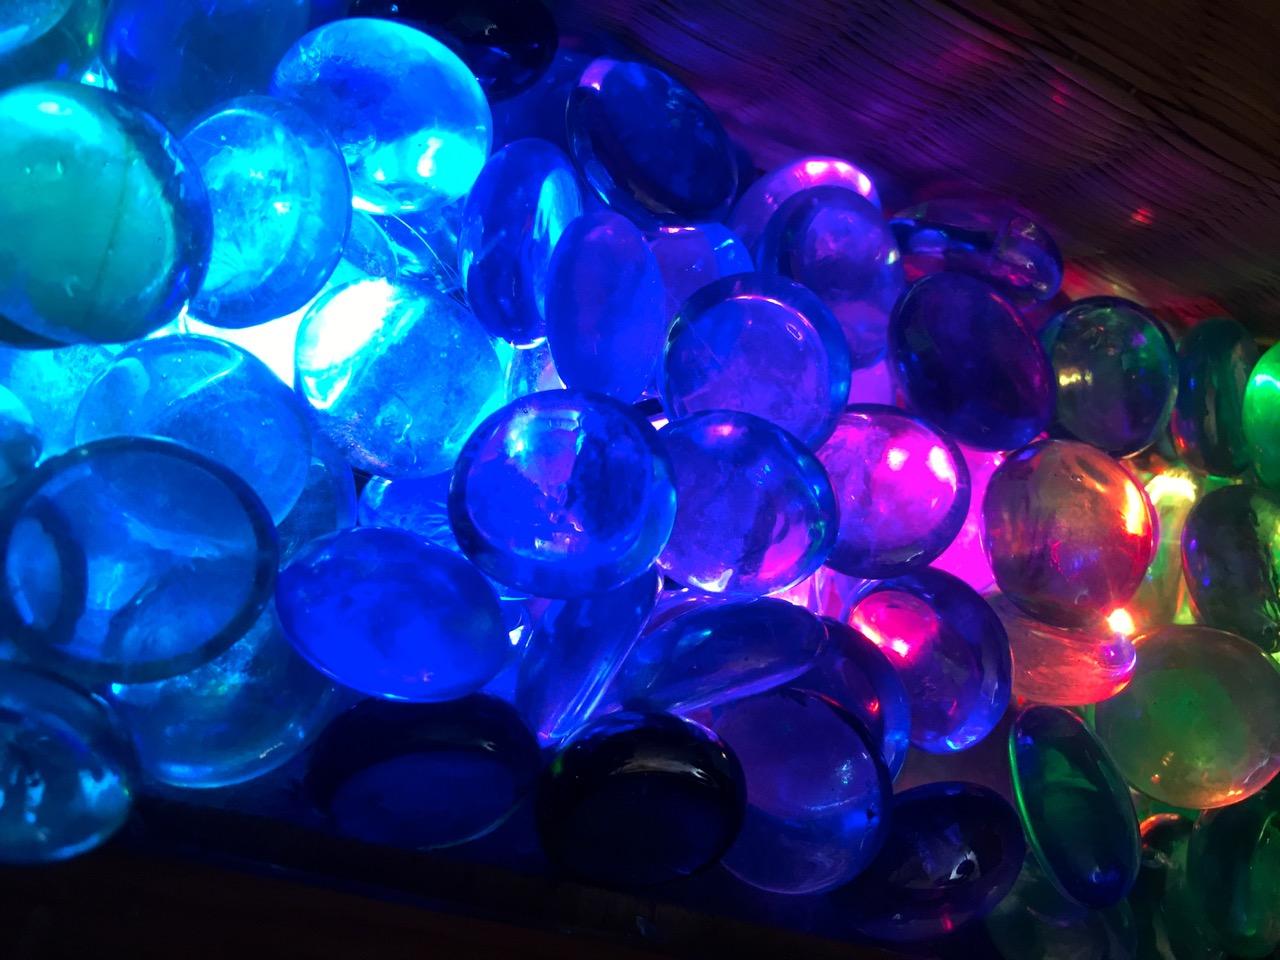 led_strips_00_glass_pebbles_lit.jpg